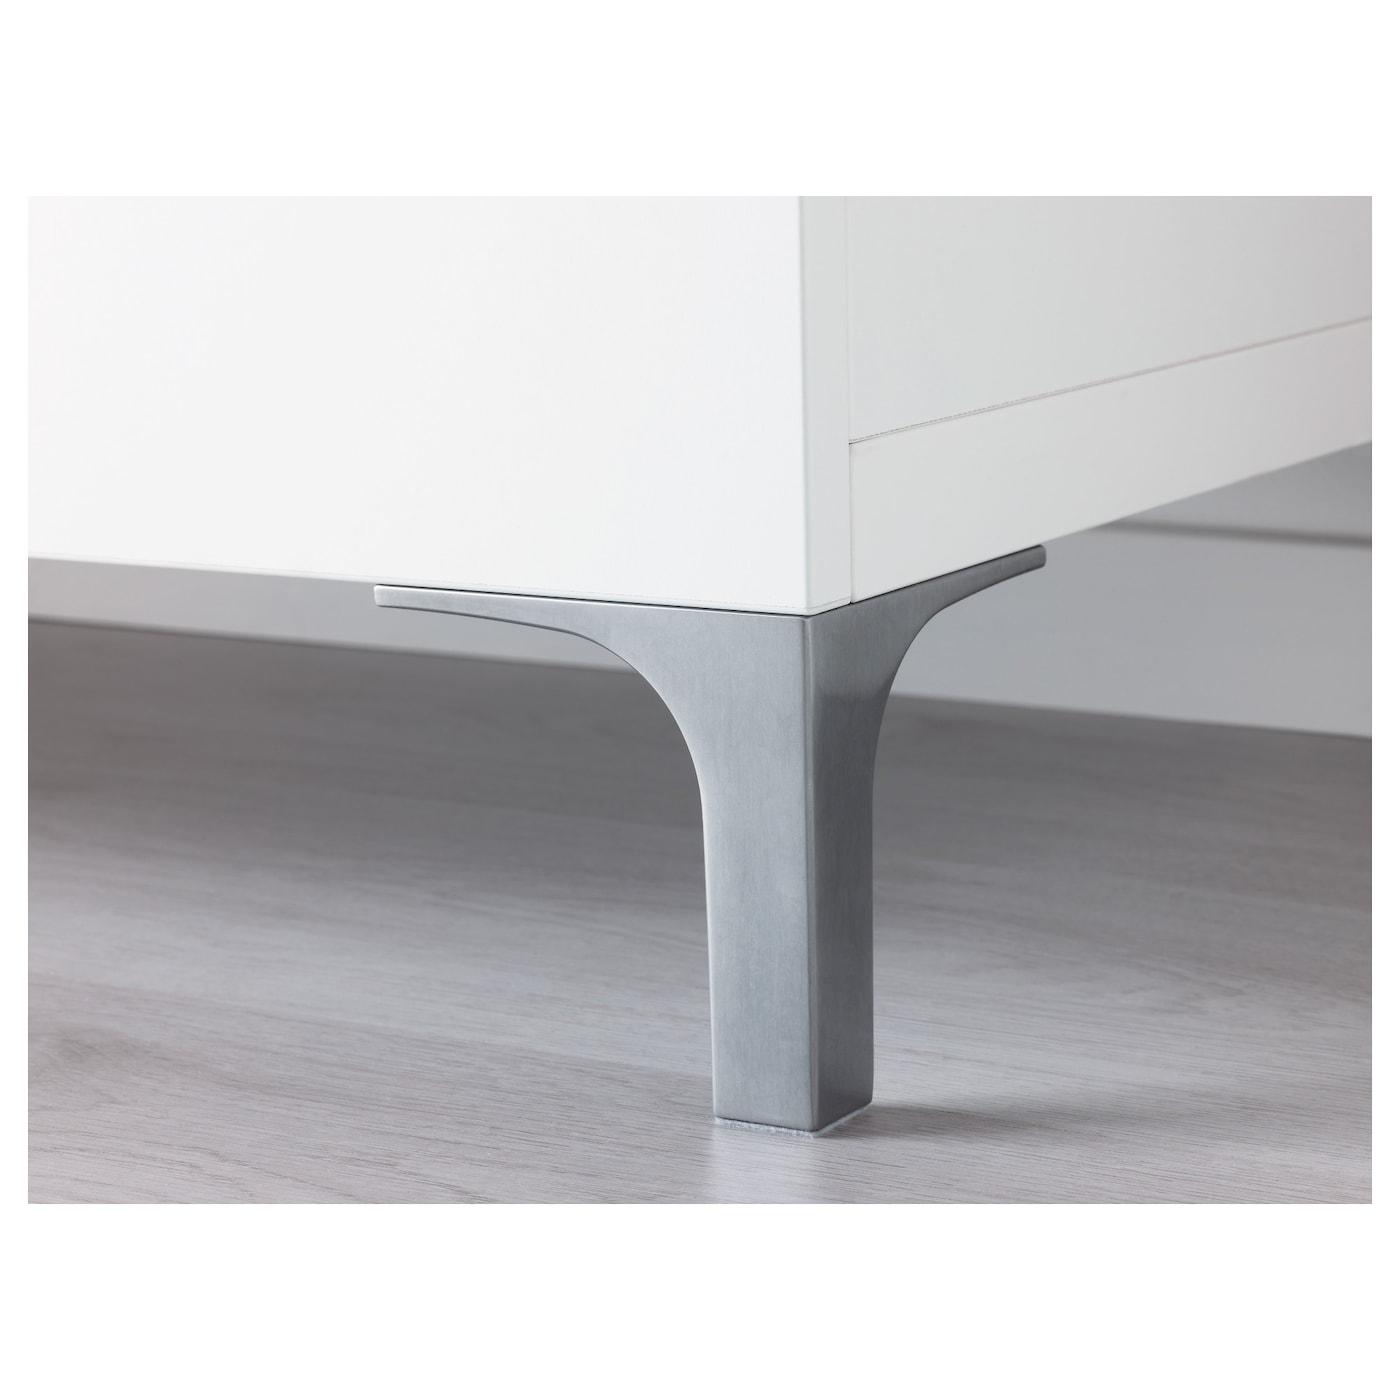 nannarp poot aluminium ikea. Black Bedroom Furniture Sets. Home Design Ideas